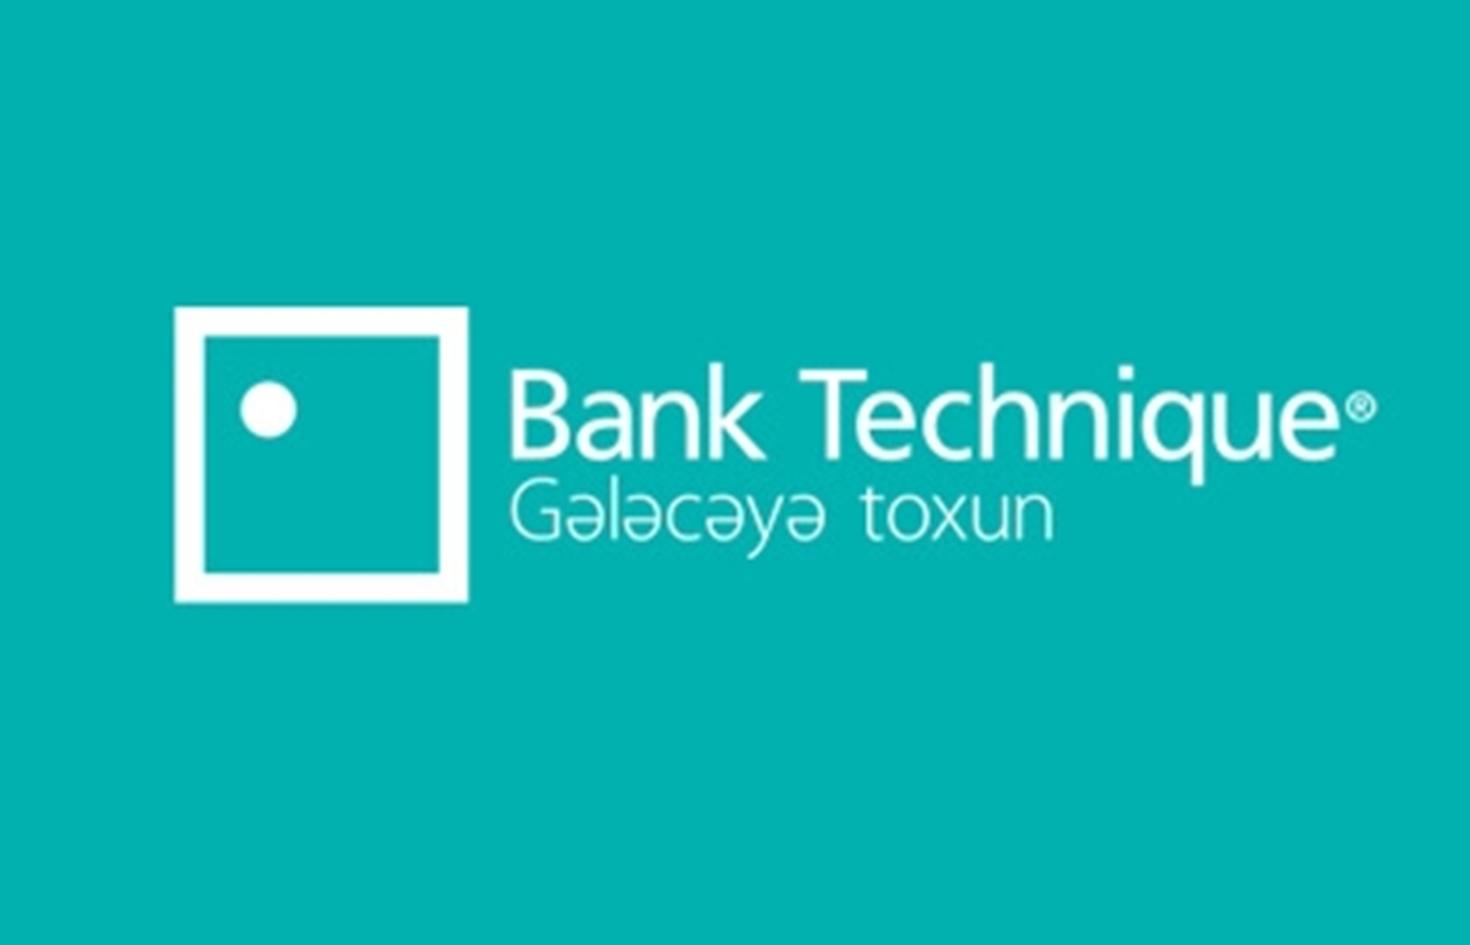 """Beynəlxalq KPMG şirkəti """"Bank Technique""""in möhkəm mövqelərini təsdiqləyib"""